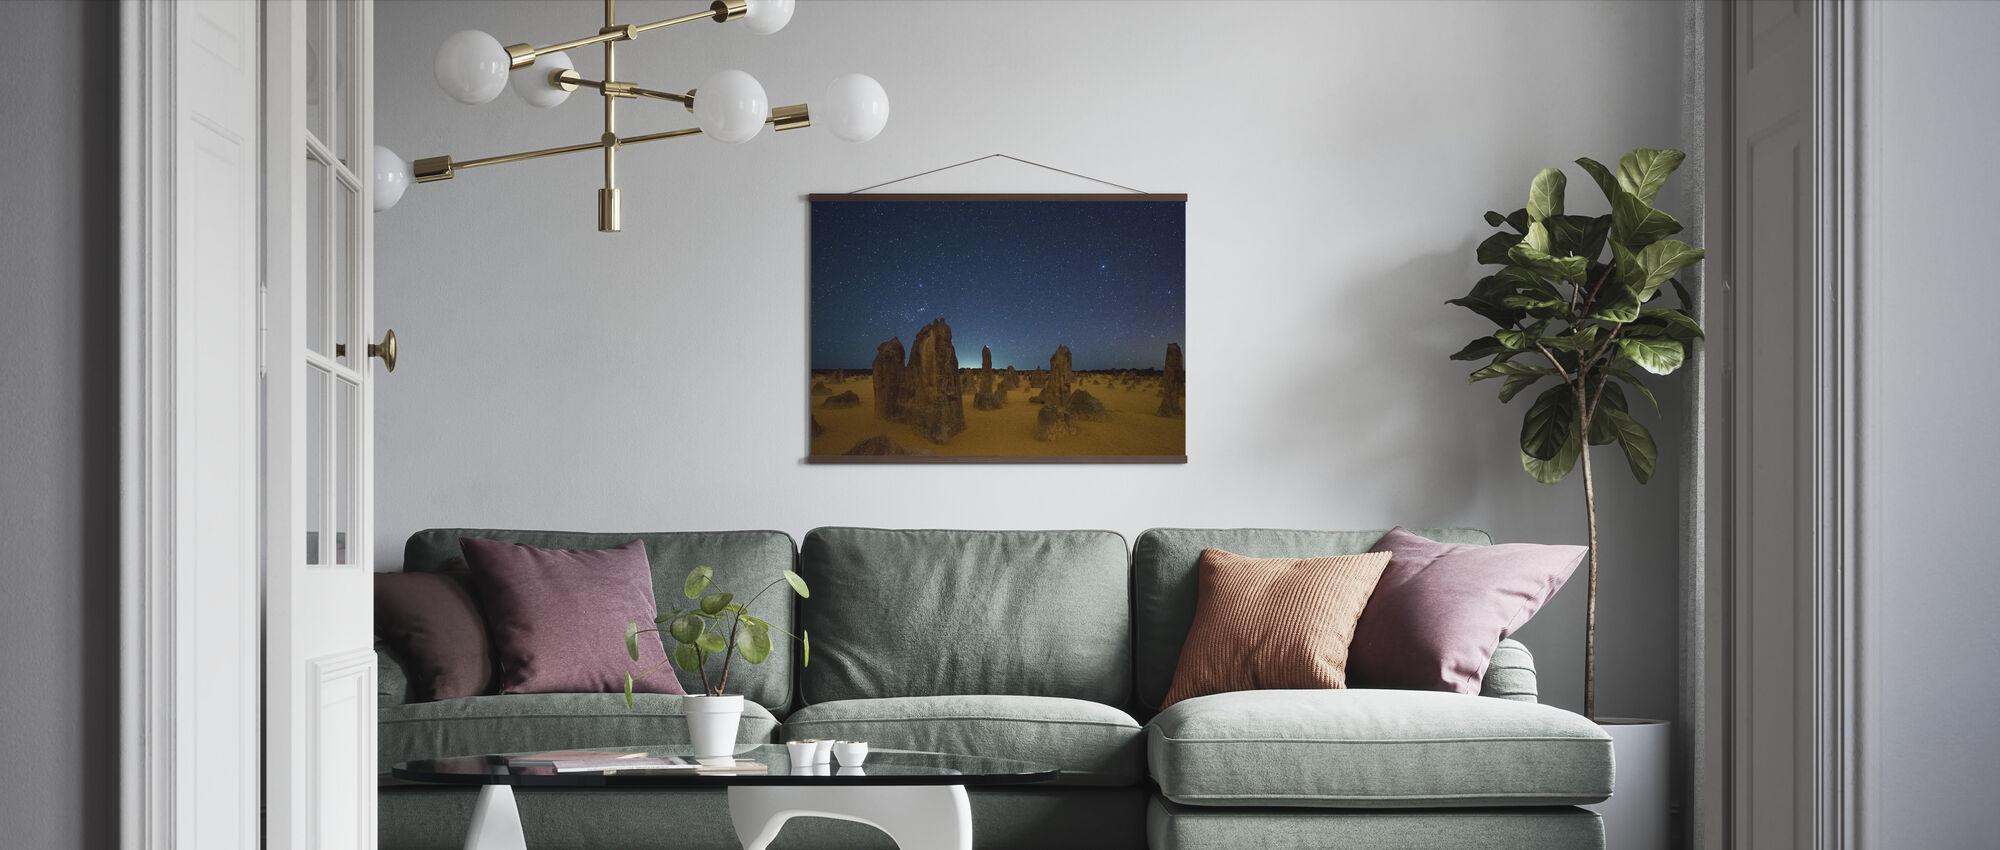 Pinnacles at Night - Poster - Living Room